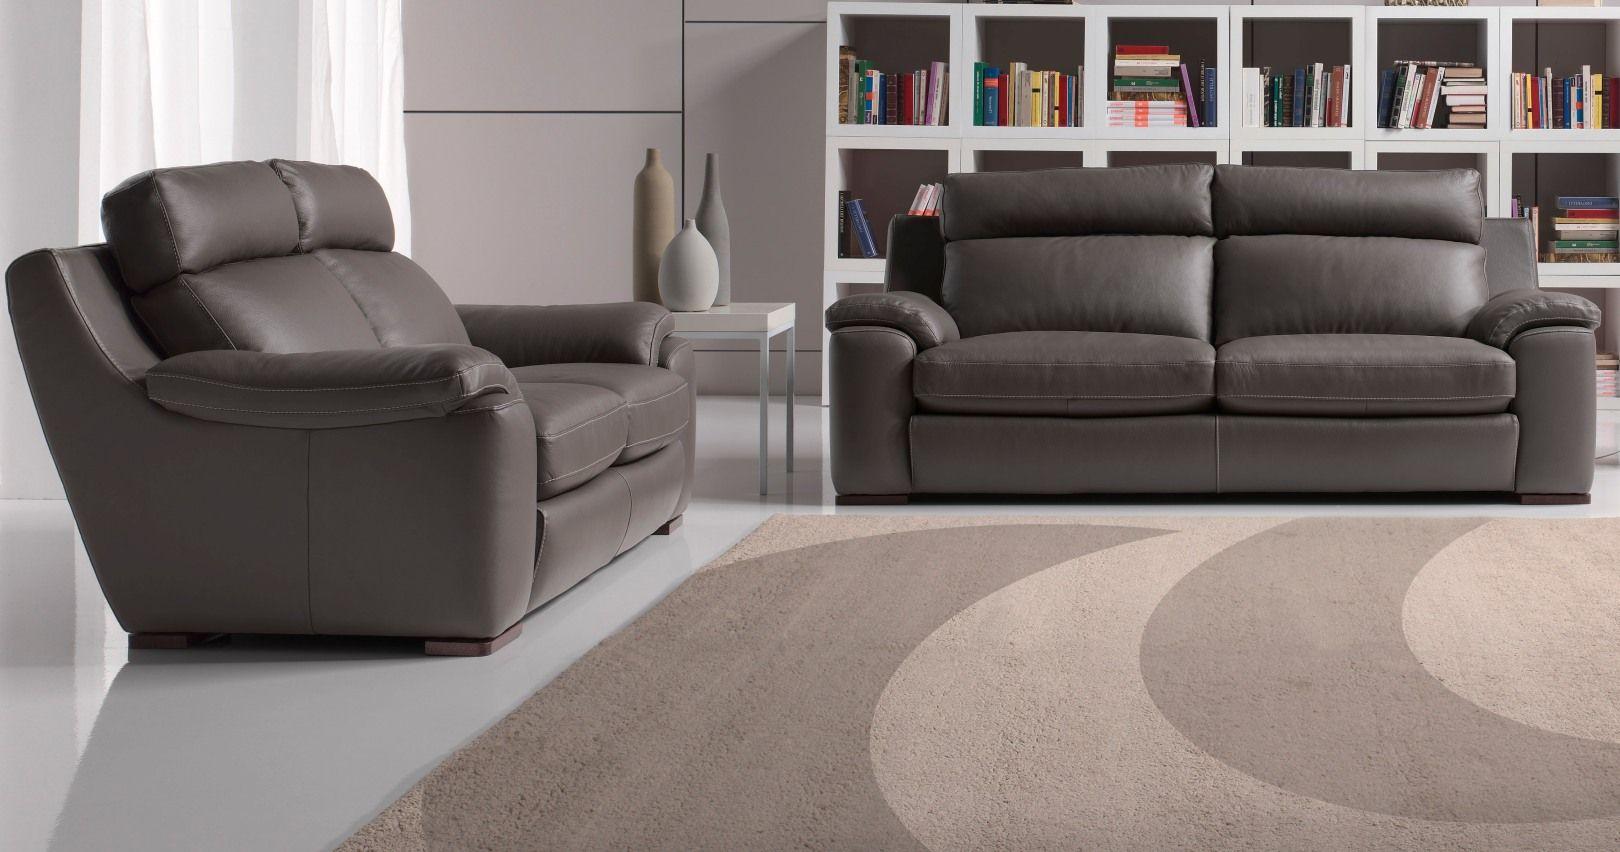 Canapé Cuir Moderne confortable haut dossier sur Univers du cuir